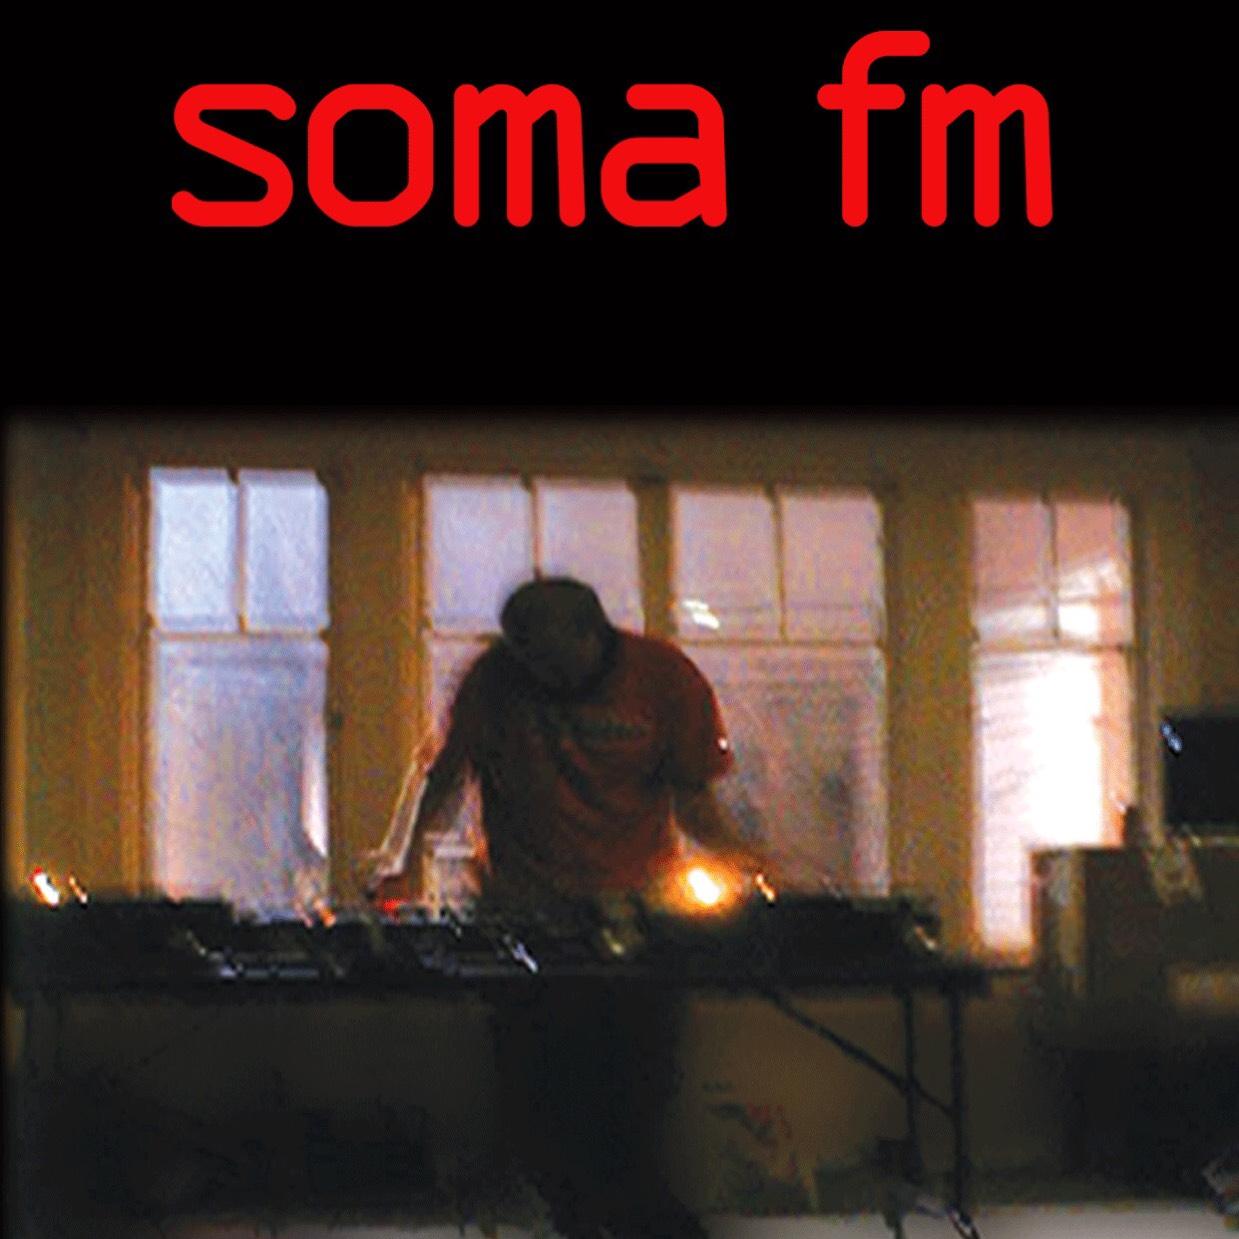 [iOS] SomaFM kostenlos statt 8,99€